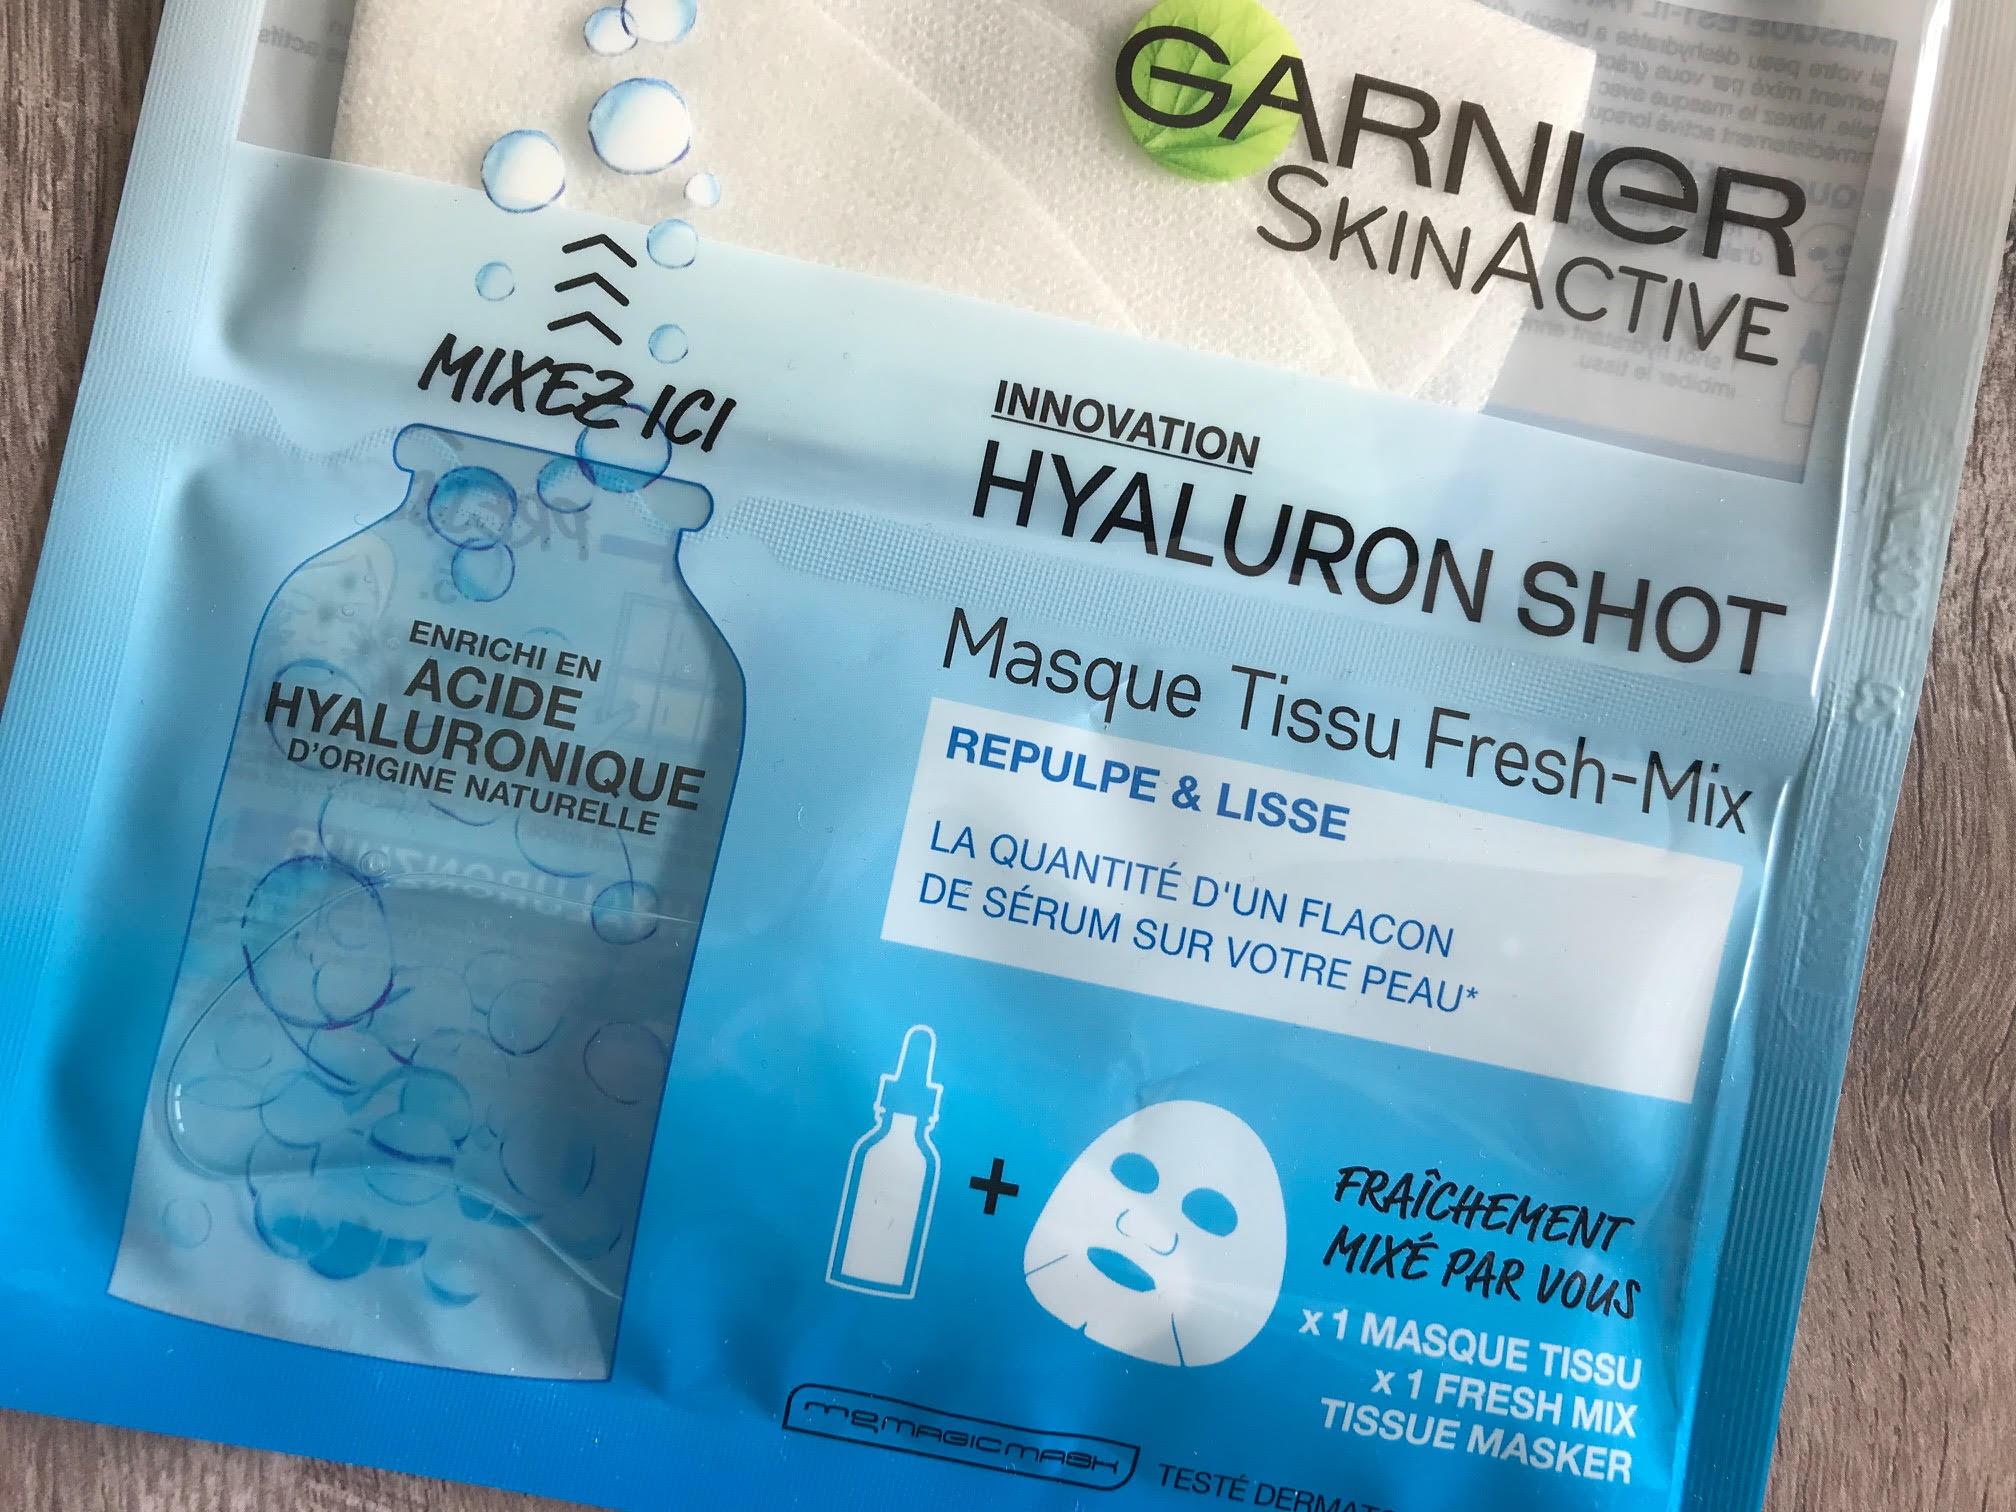 garnier freshmix hyaluron shot mask